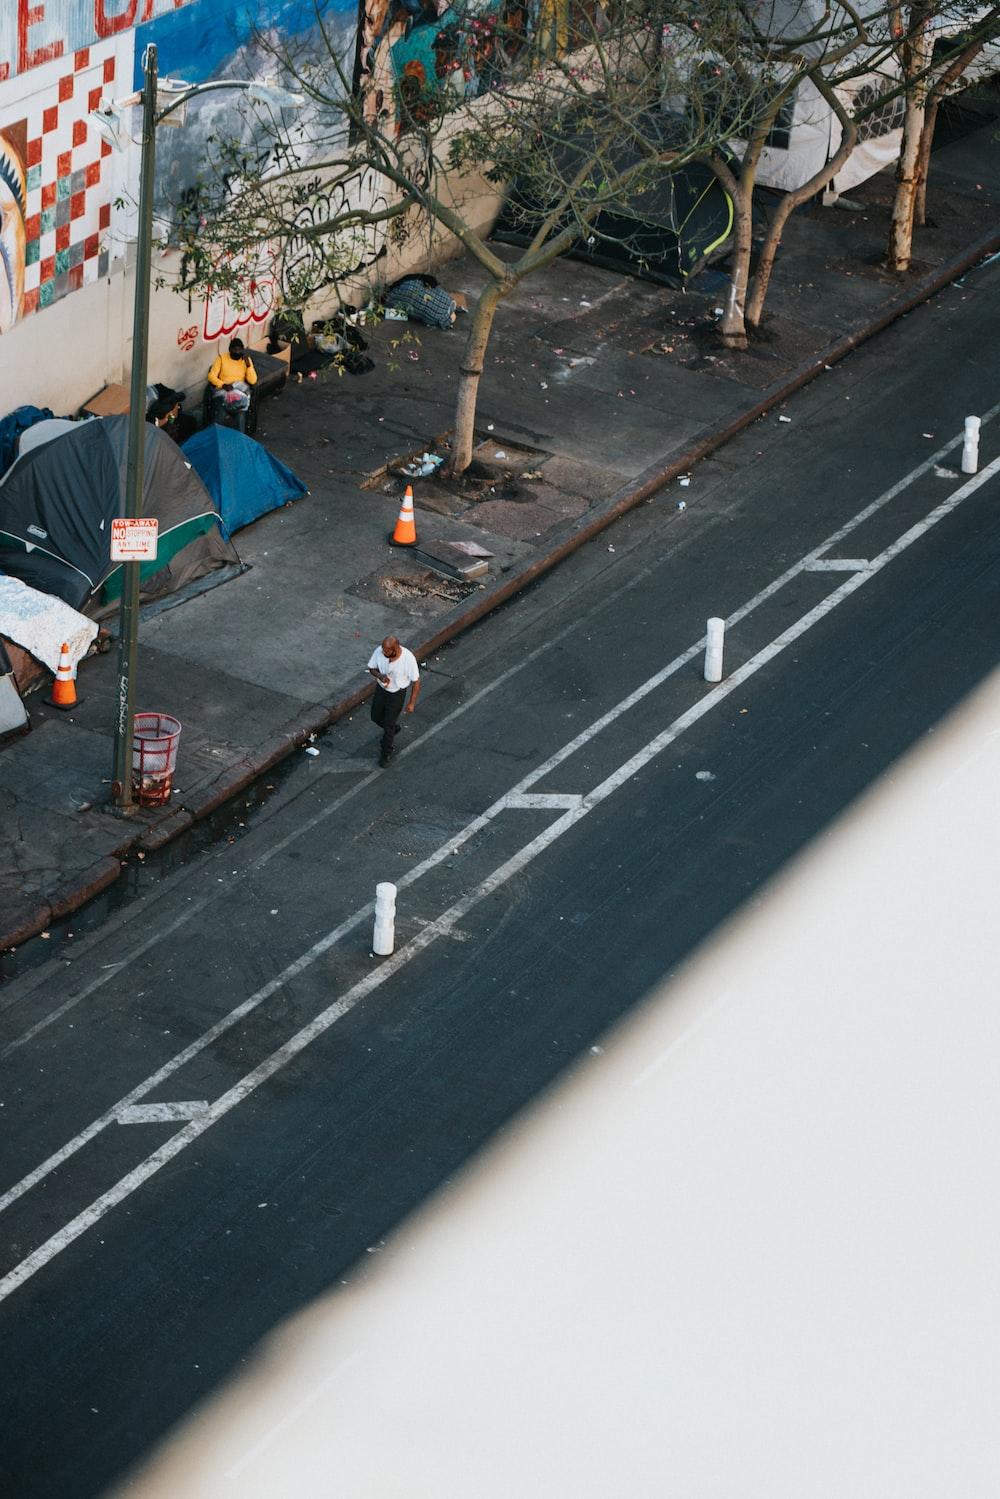 woman in white shirt walking on sidewalk during daytime